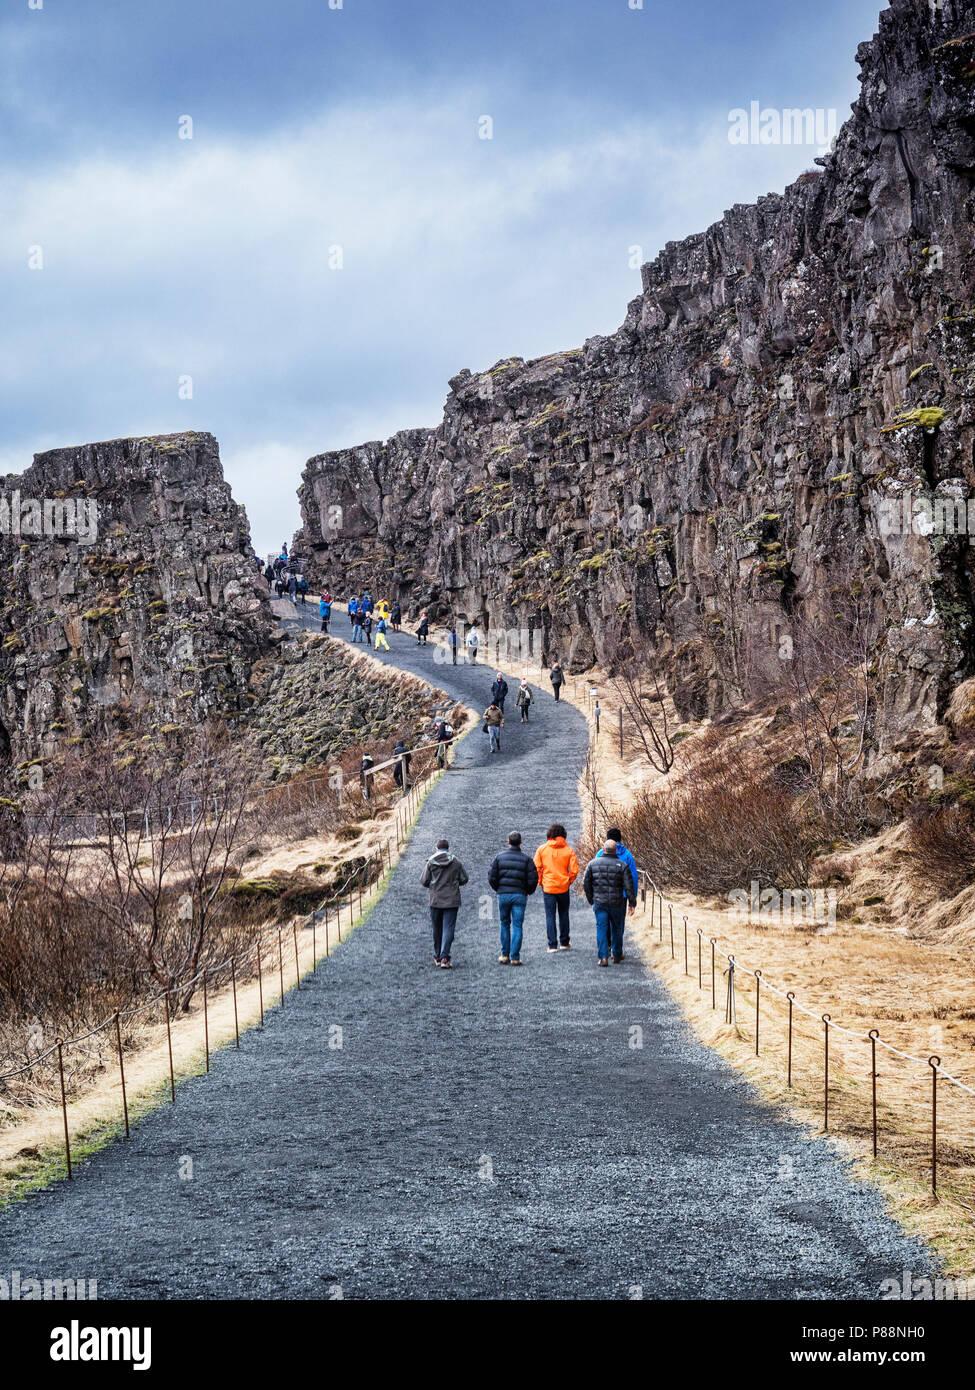 19 Aprile 2018: Thingvellir National Park, Islanda - i visitatori a piedi nel Canyon Almannagja che corre attraverso il parco nazionale, una delle principali Immagini Stock